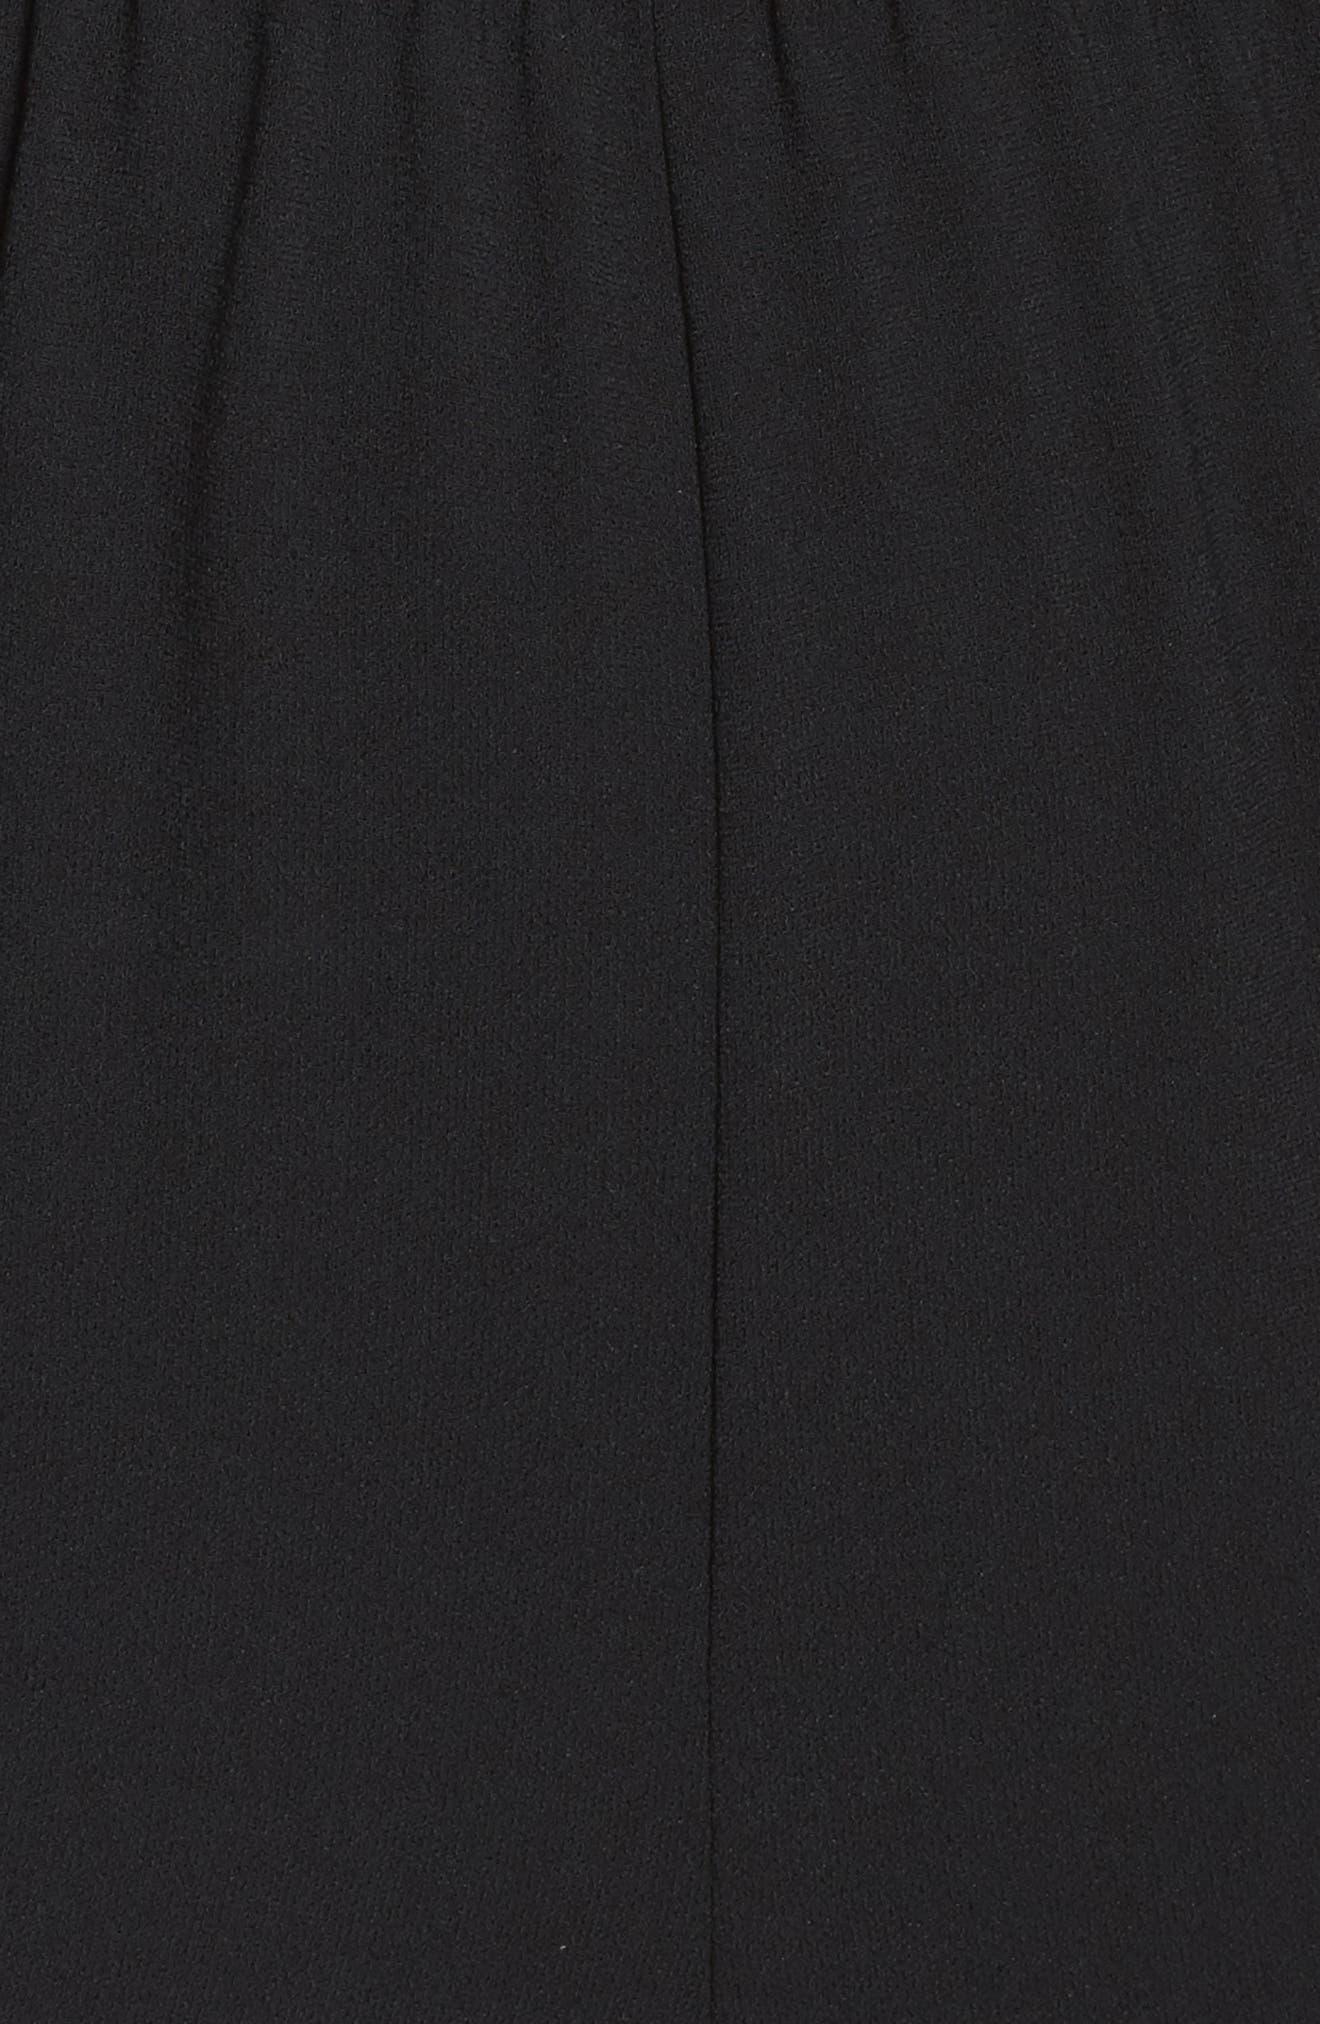 Le Boulevard One-Shoulder Jumpsuit,                             Alternate thumbnail 6, color,                             Black